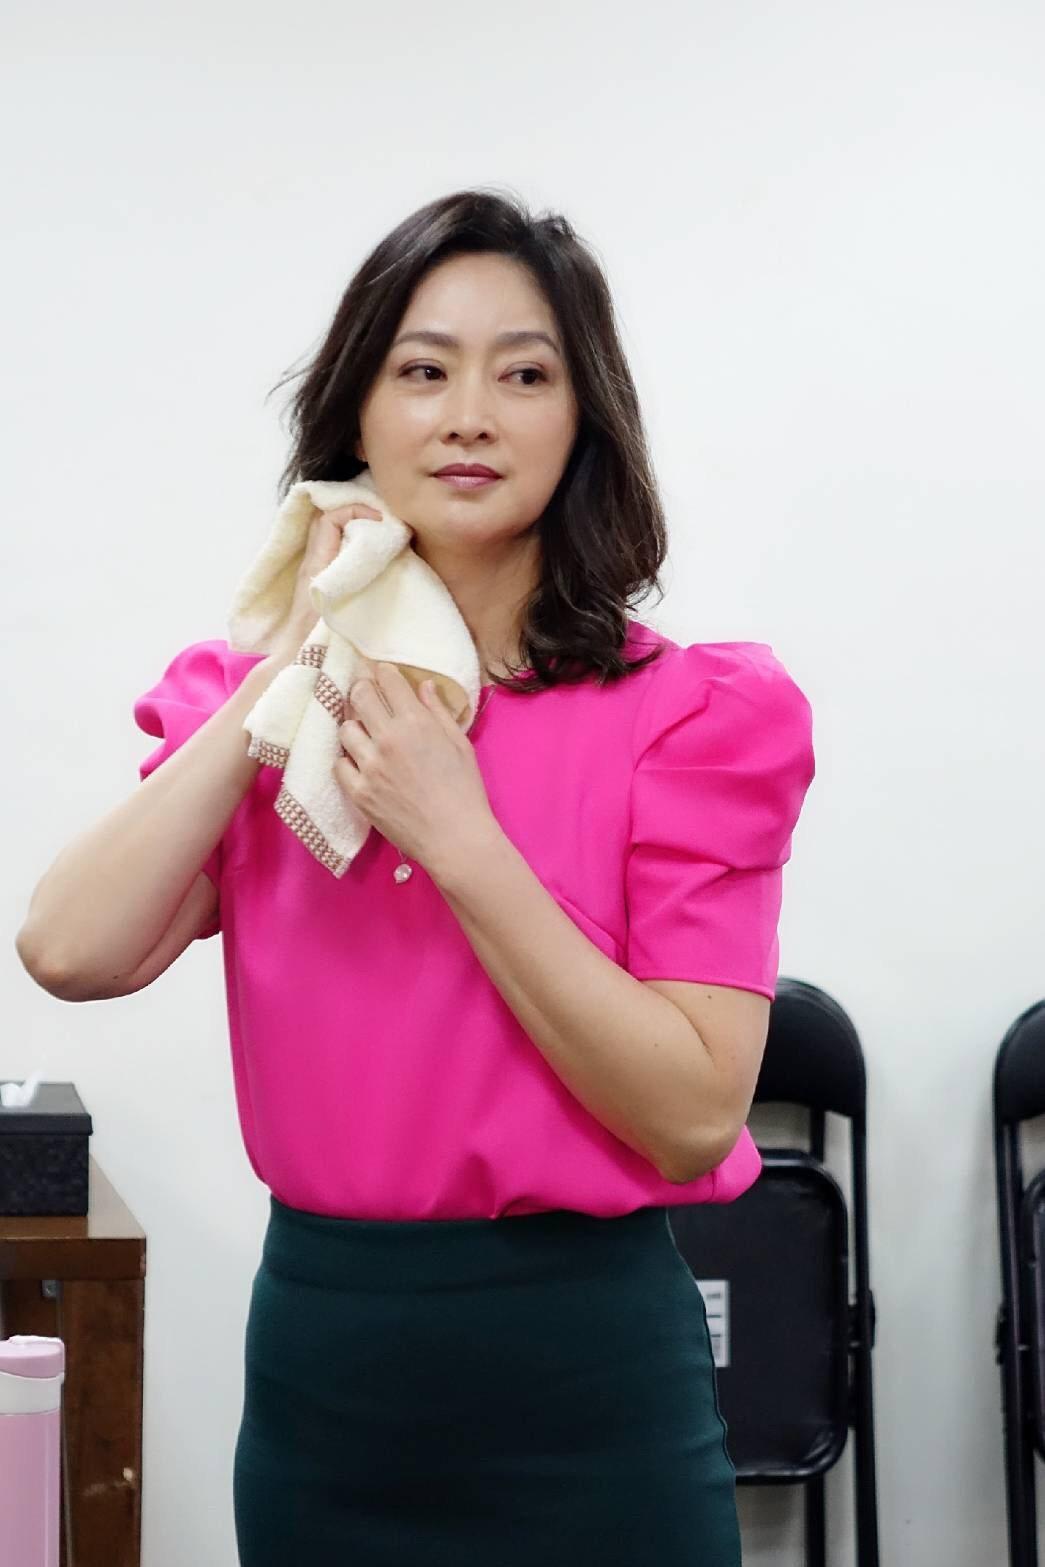 劉瑞琪近期忙排練舞台劇「最後一封情書」。圖/九玖經紀工作室提供